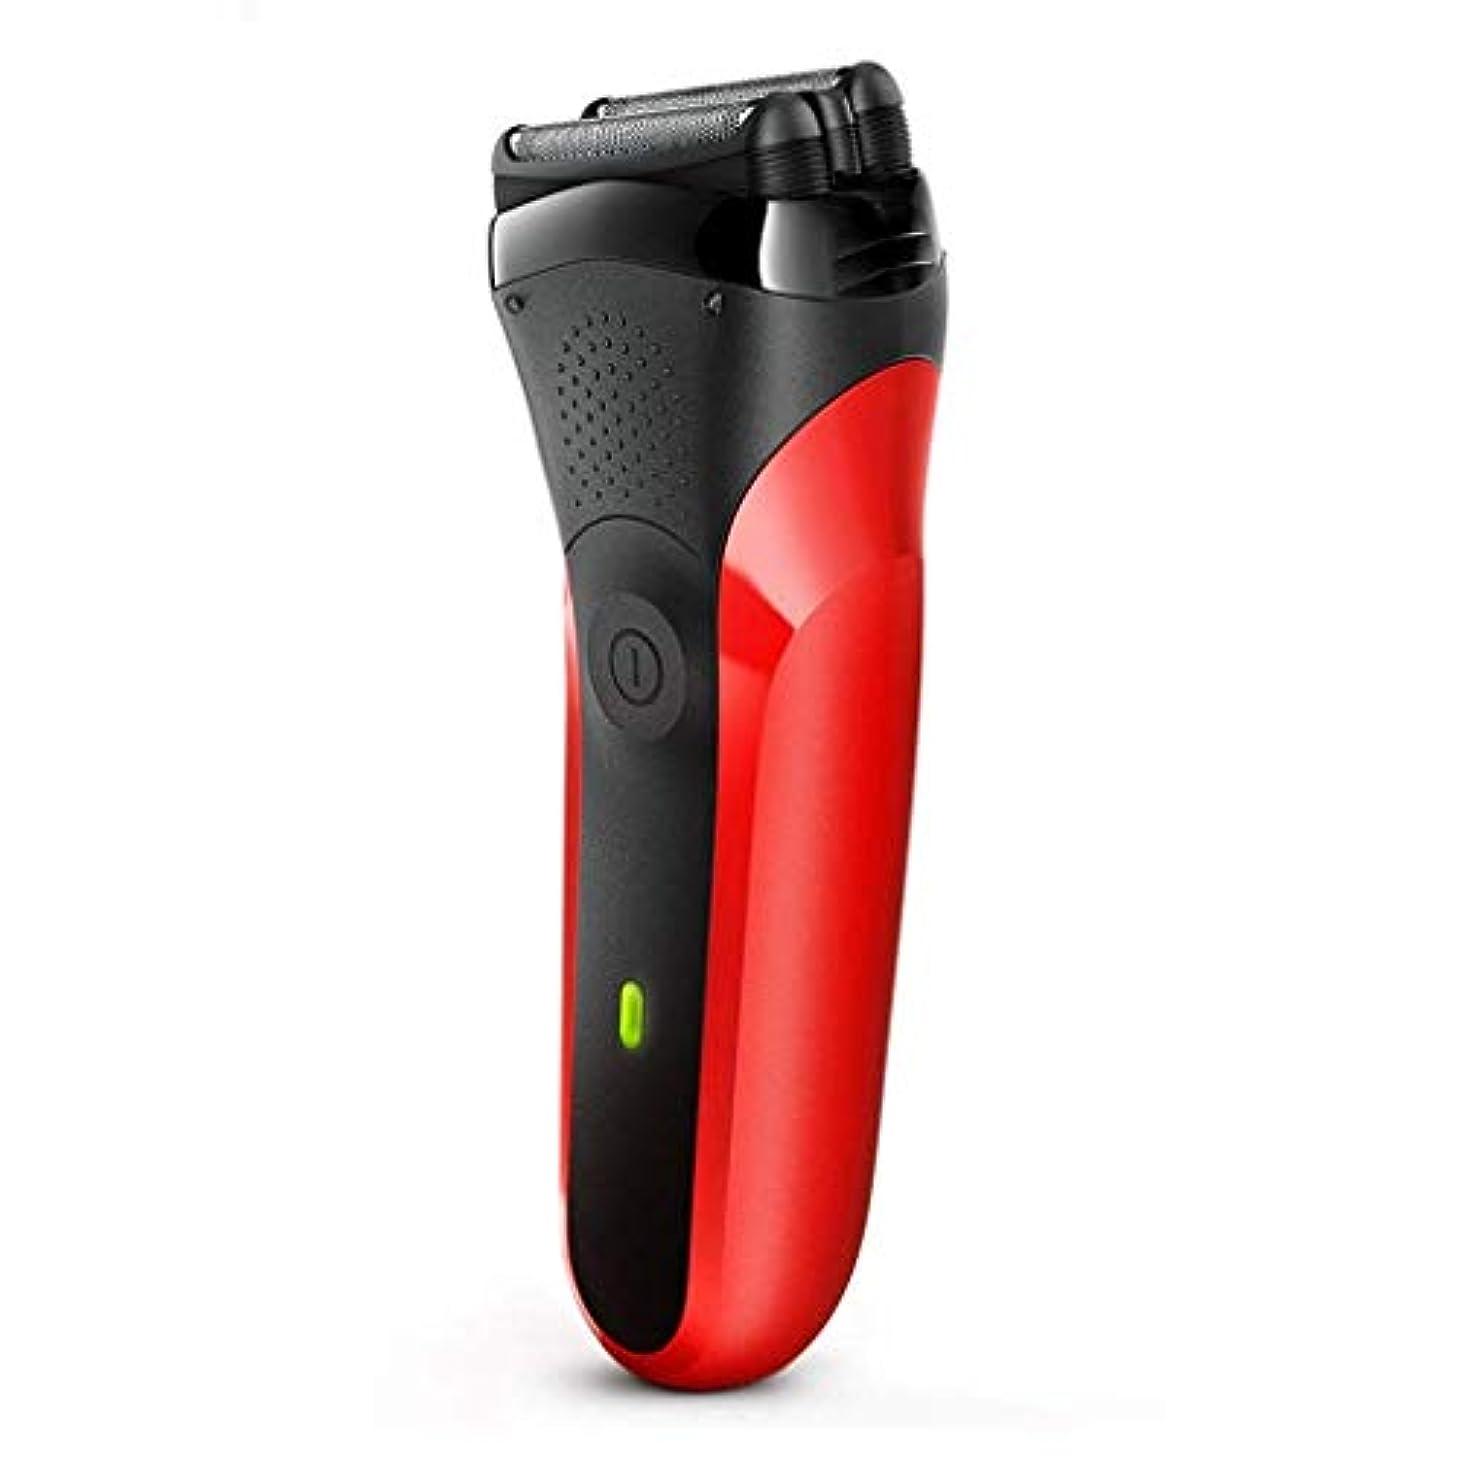 バーマド中毒提出するBEIHUAN 男性用電気シェーバーカミソリ、ボディウォッシュを充電する充電式電気シェーバーウェットとドライメンズシェービング、シェーバースマート